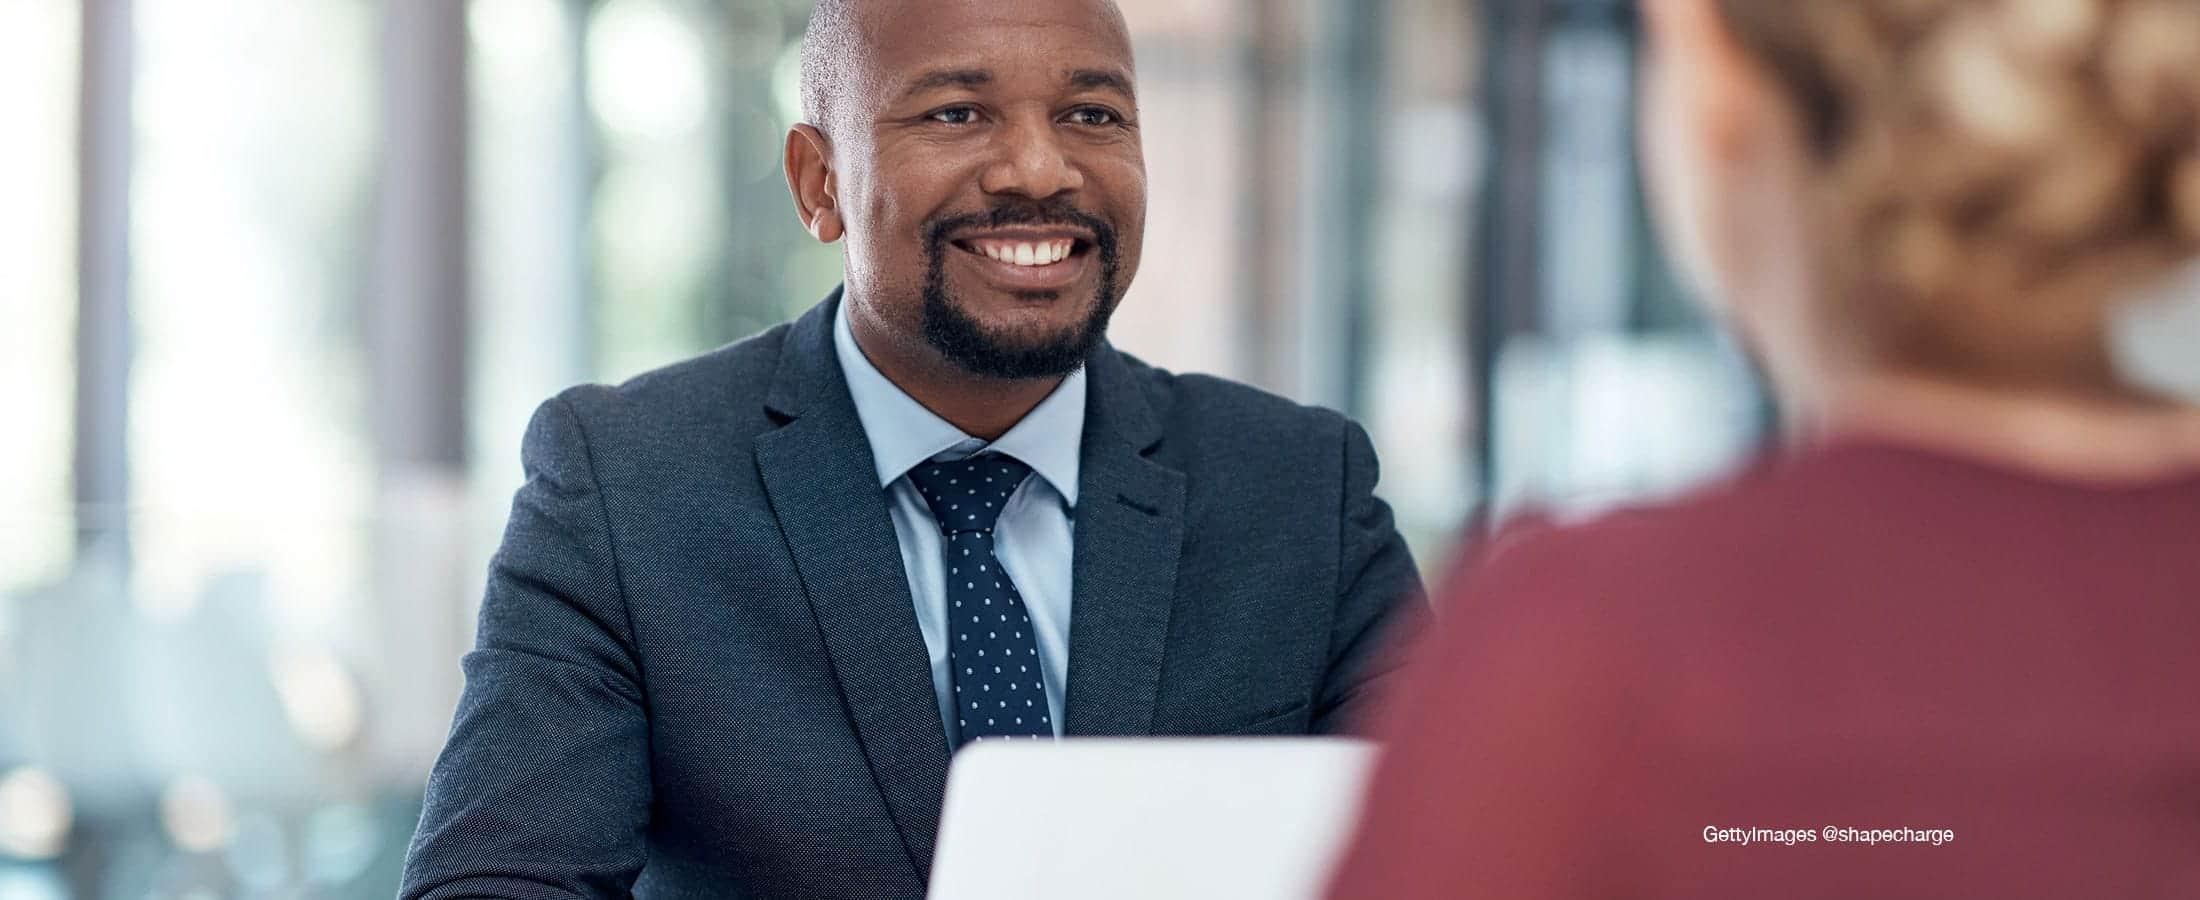 Employeur : comment vérifier les références d'un candidat?